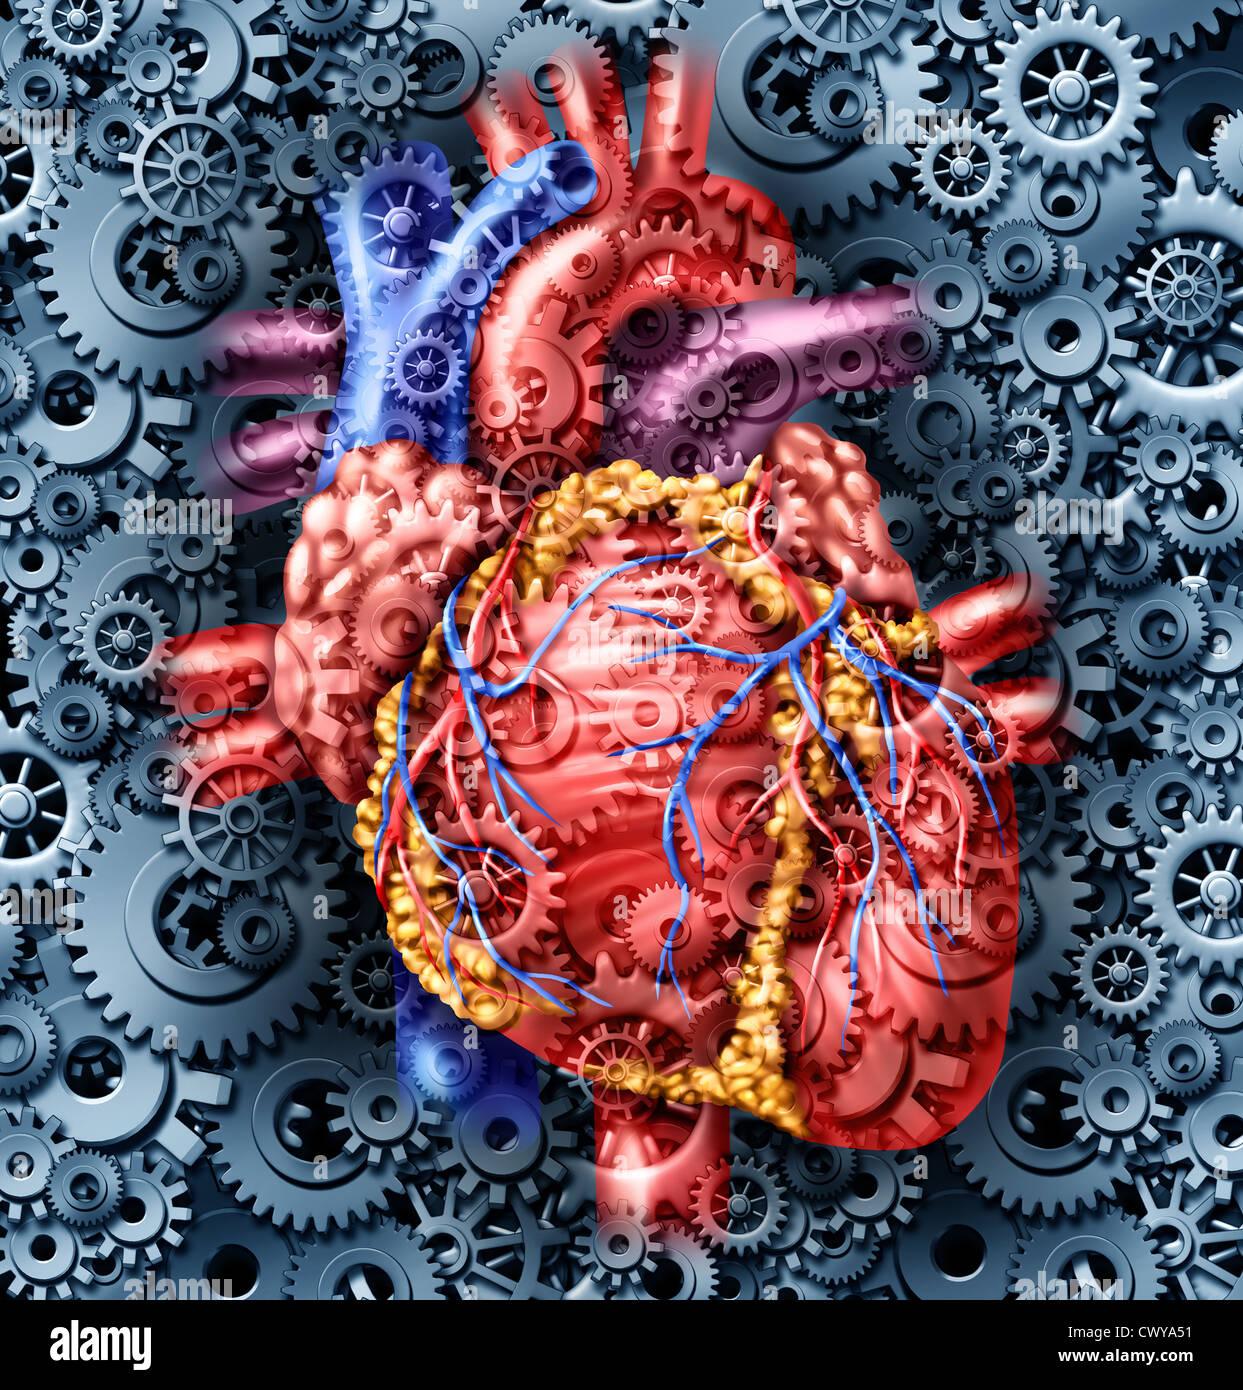 Menschliche Gesundheit medizinische Versorgung Herzsymbol mit ...